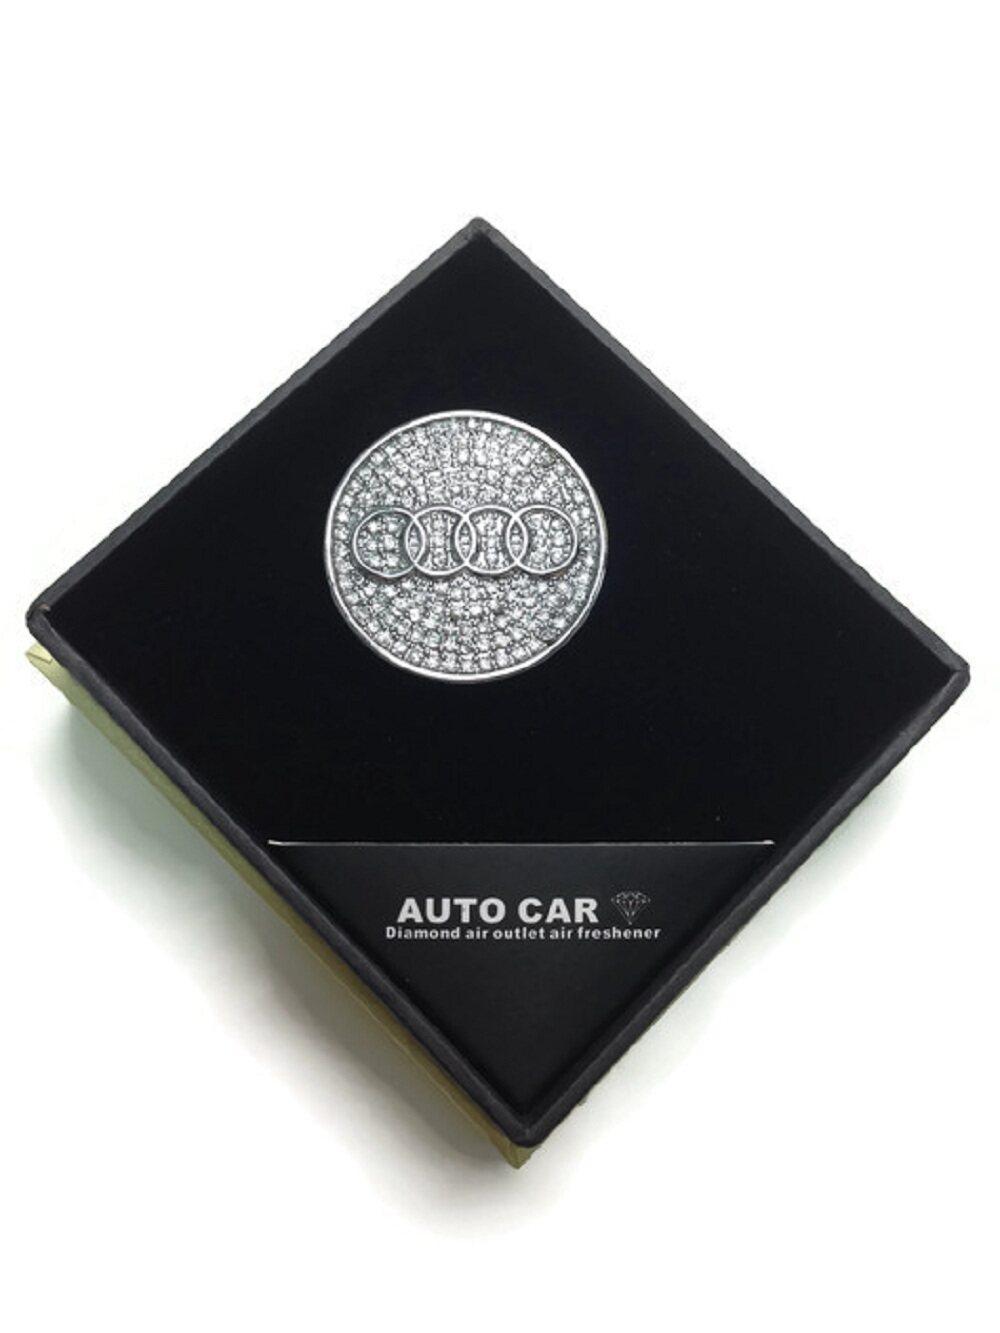 Audi Logo Diamond Car Air Freshener Perfume - Audi car air freshener